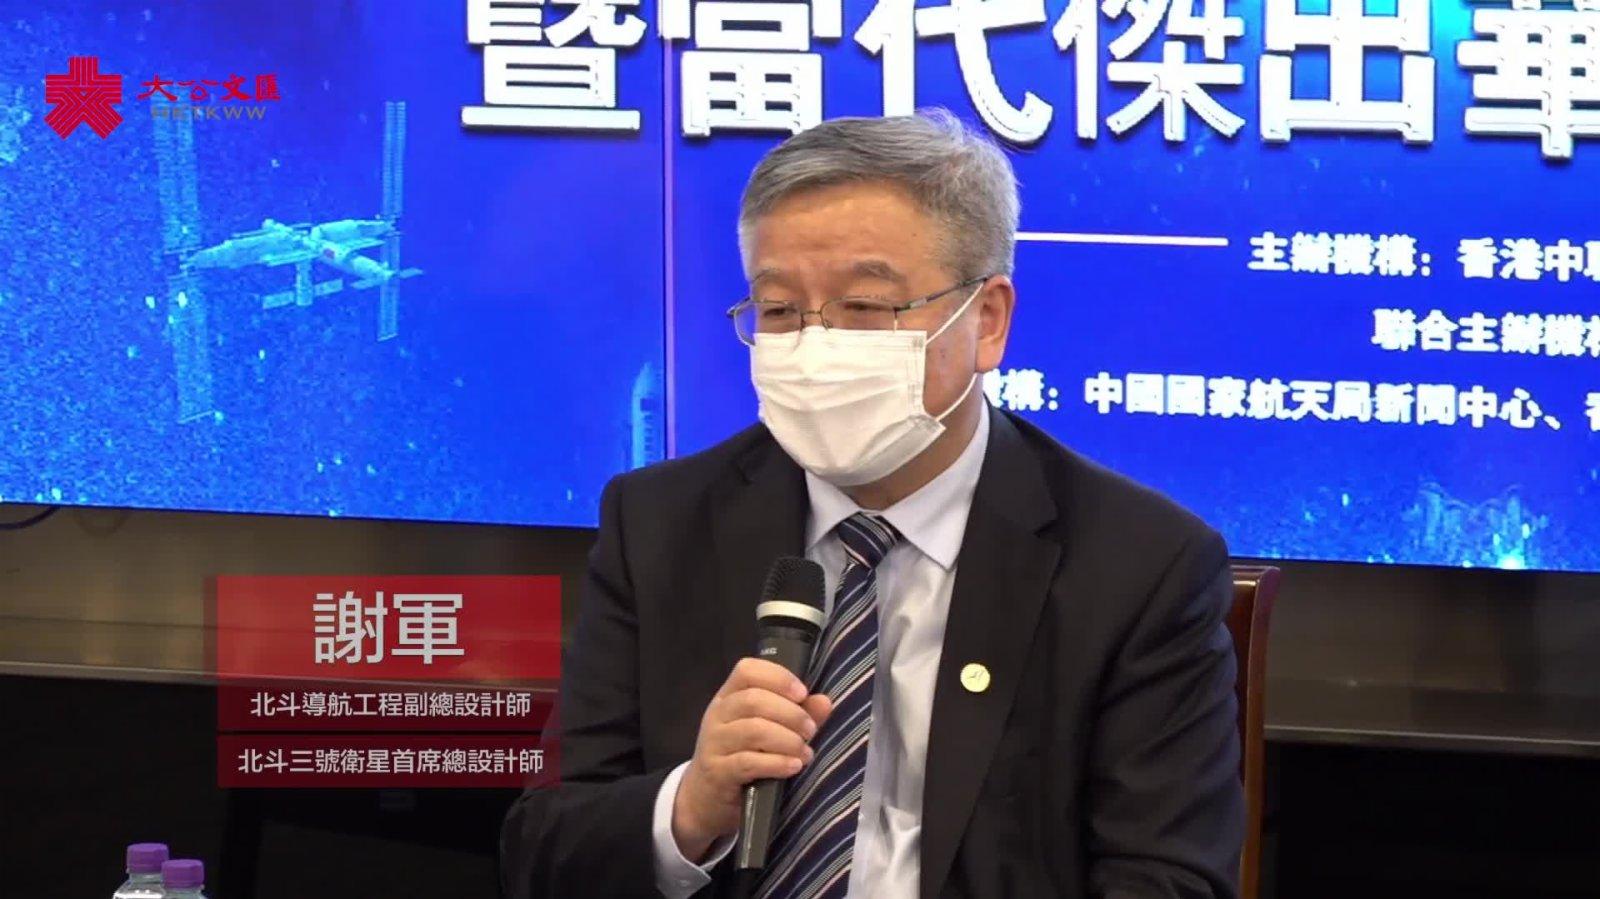 謝軍:歡迎港學界更多參與學術交流